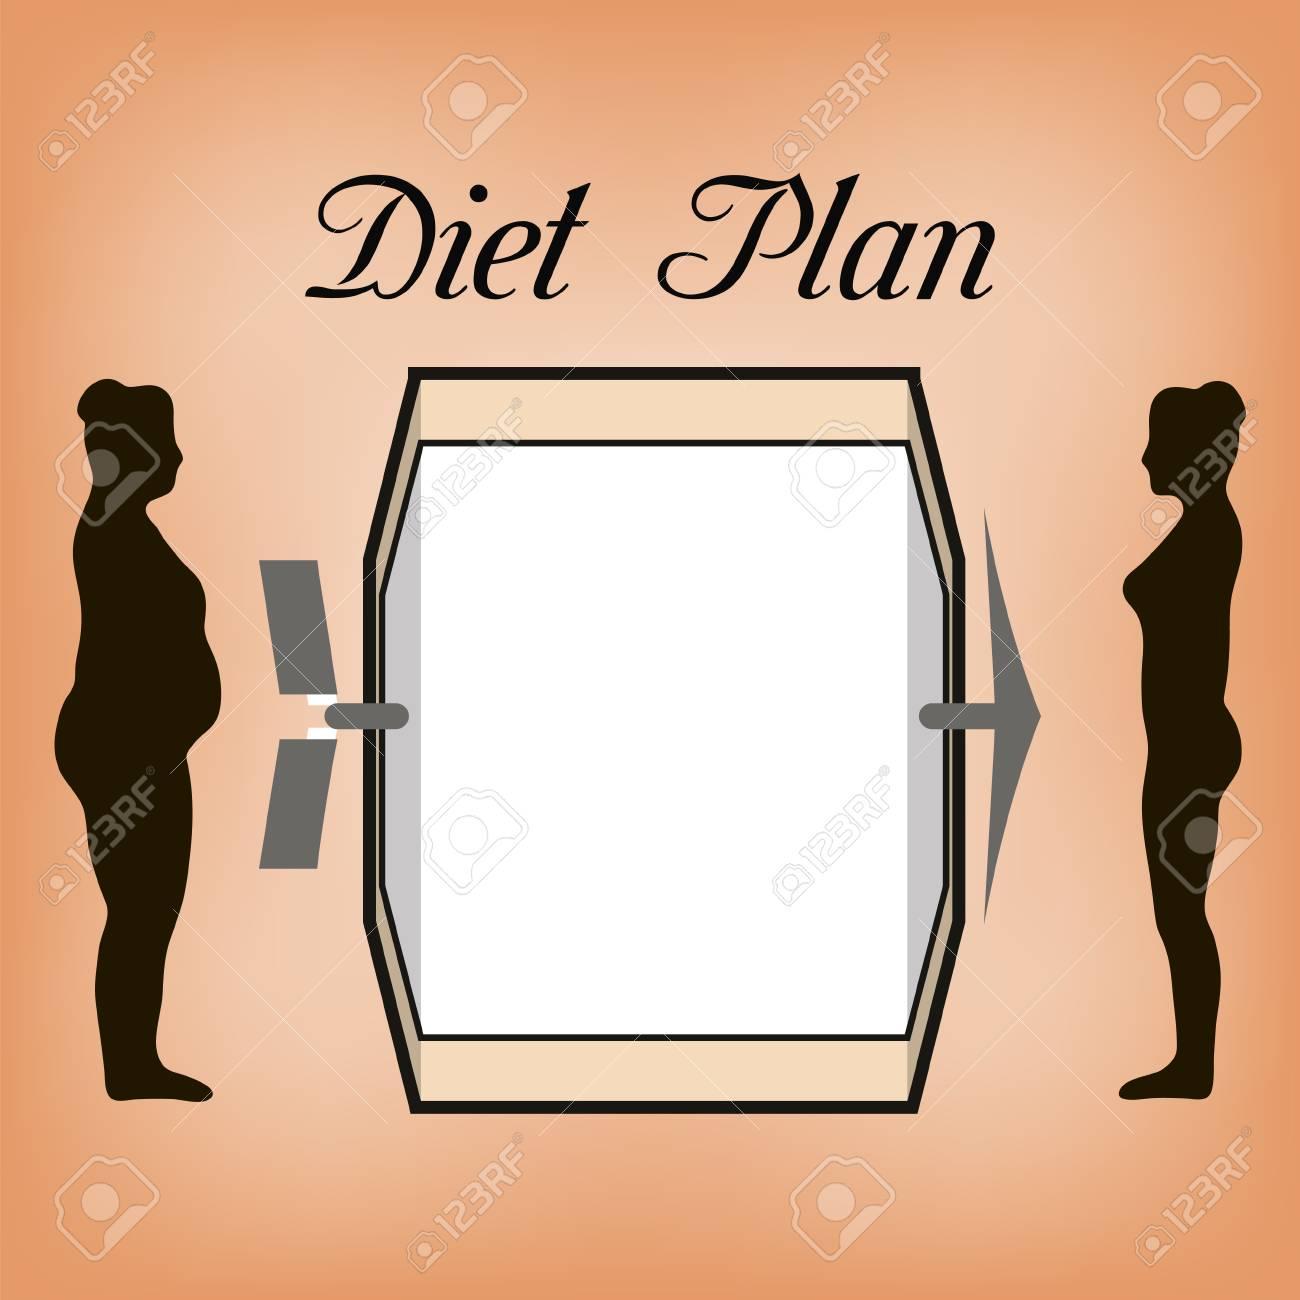 Amcal weight loss program